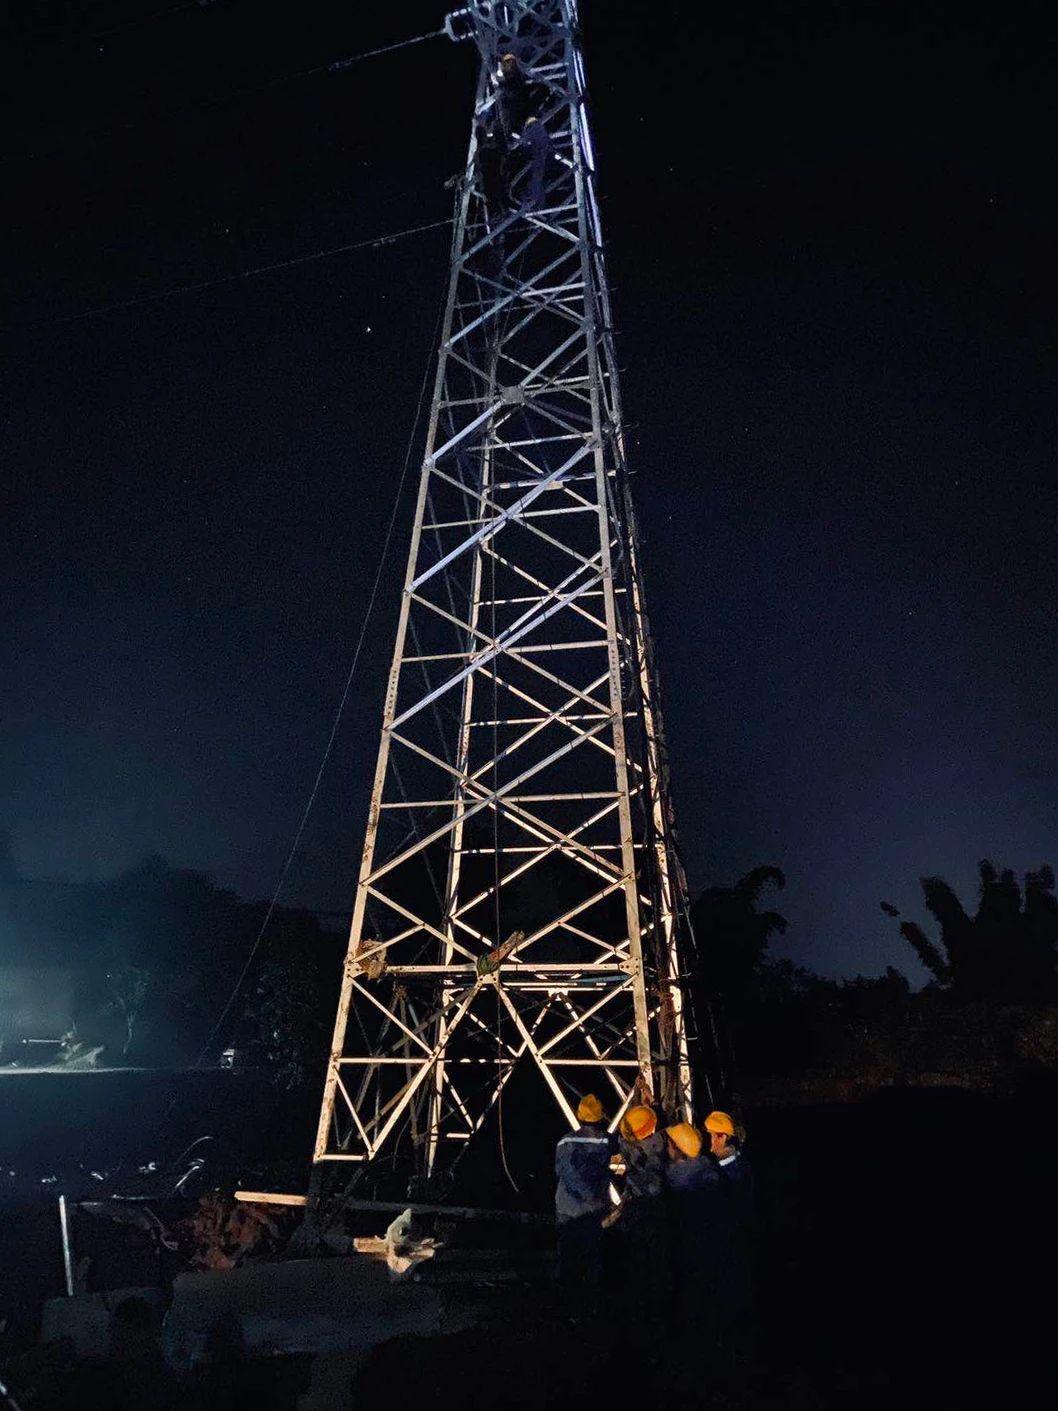 锁天线迁改工程顺利完成并恢复送电